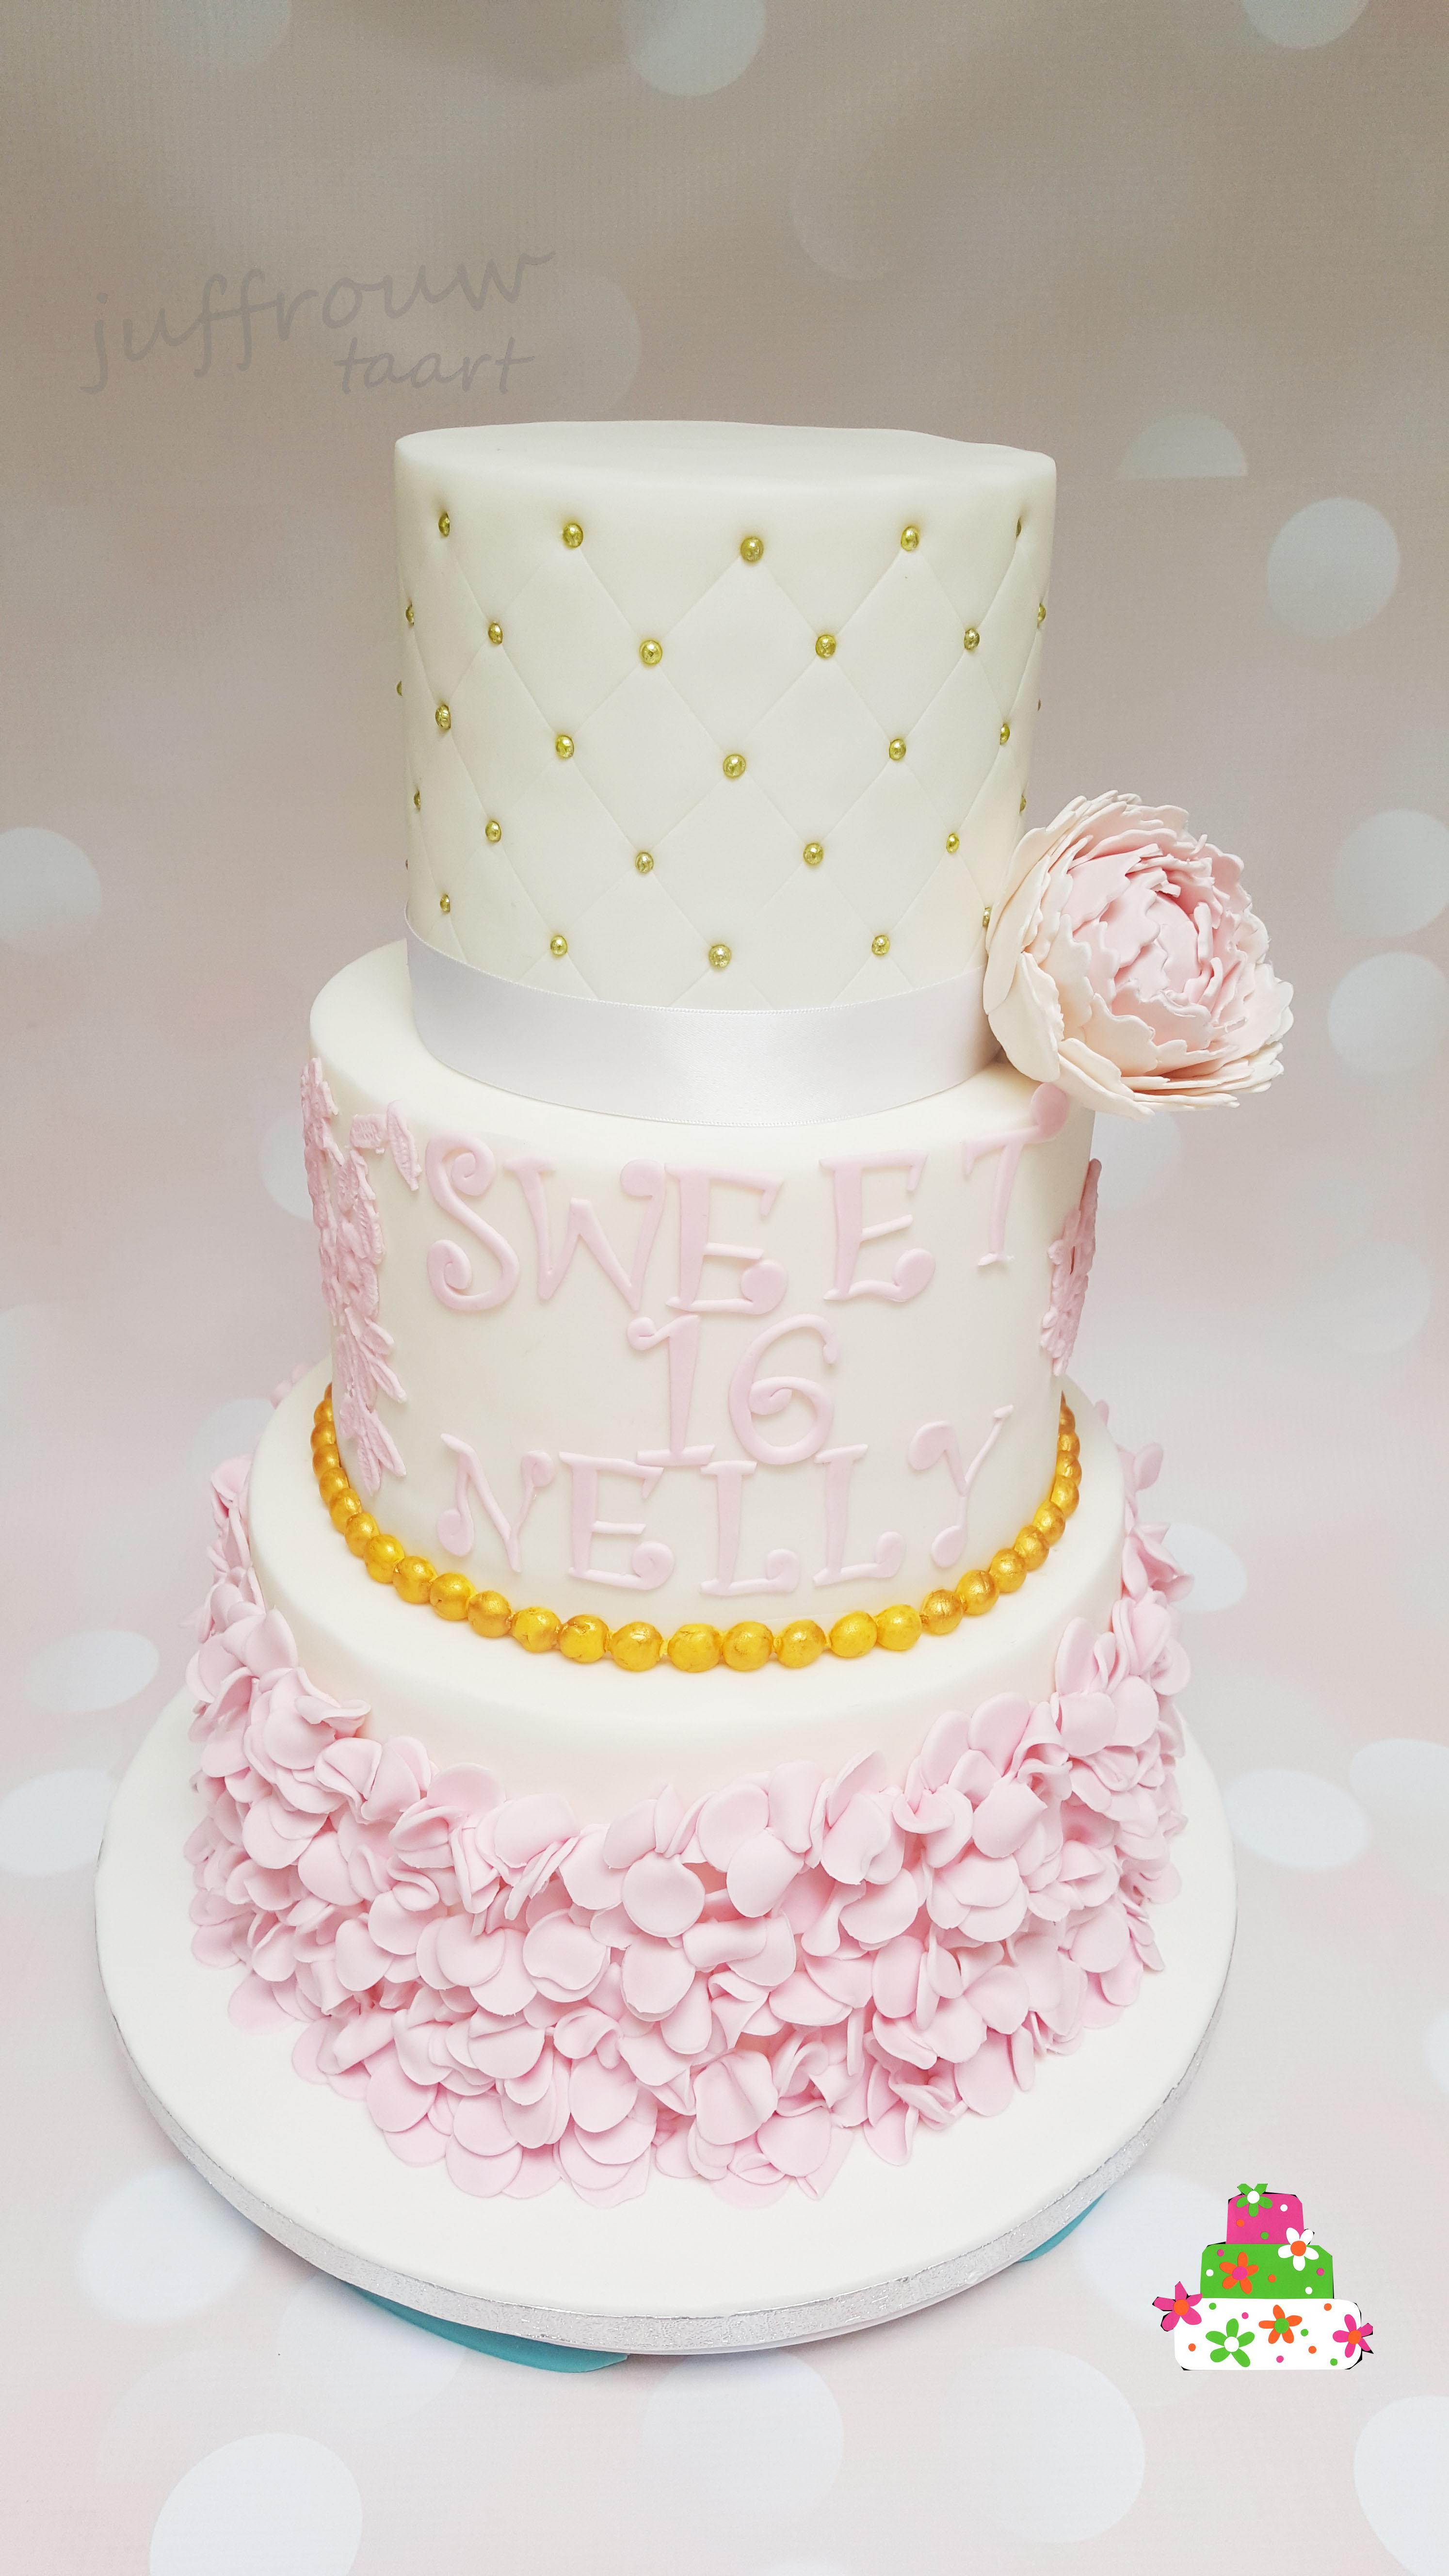 Verwonderend Sweet 16 taart - Juffrouw taart winsum SJ-82